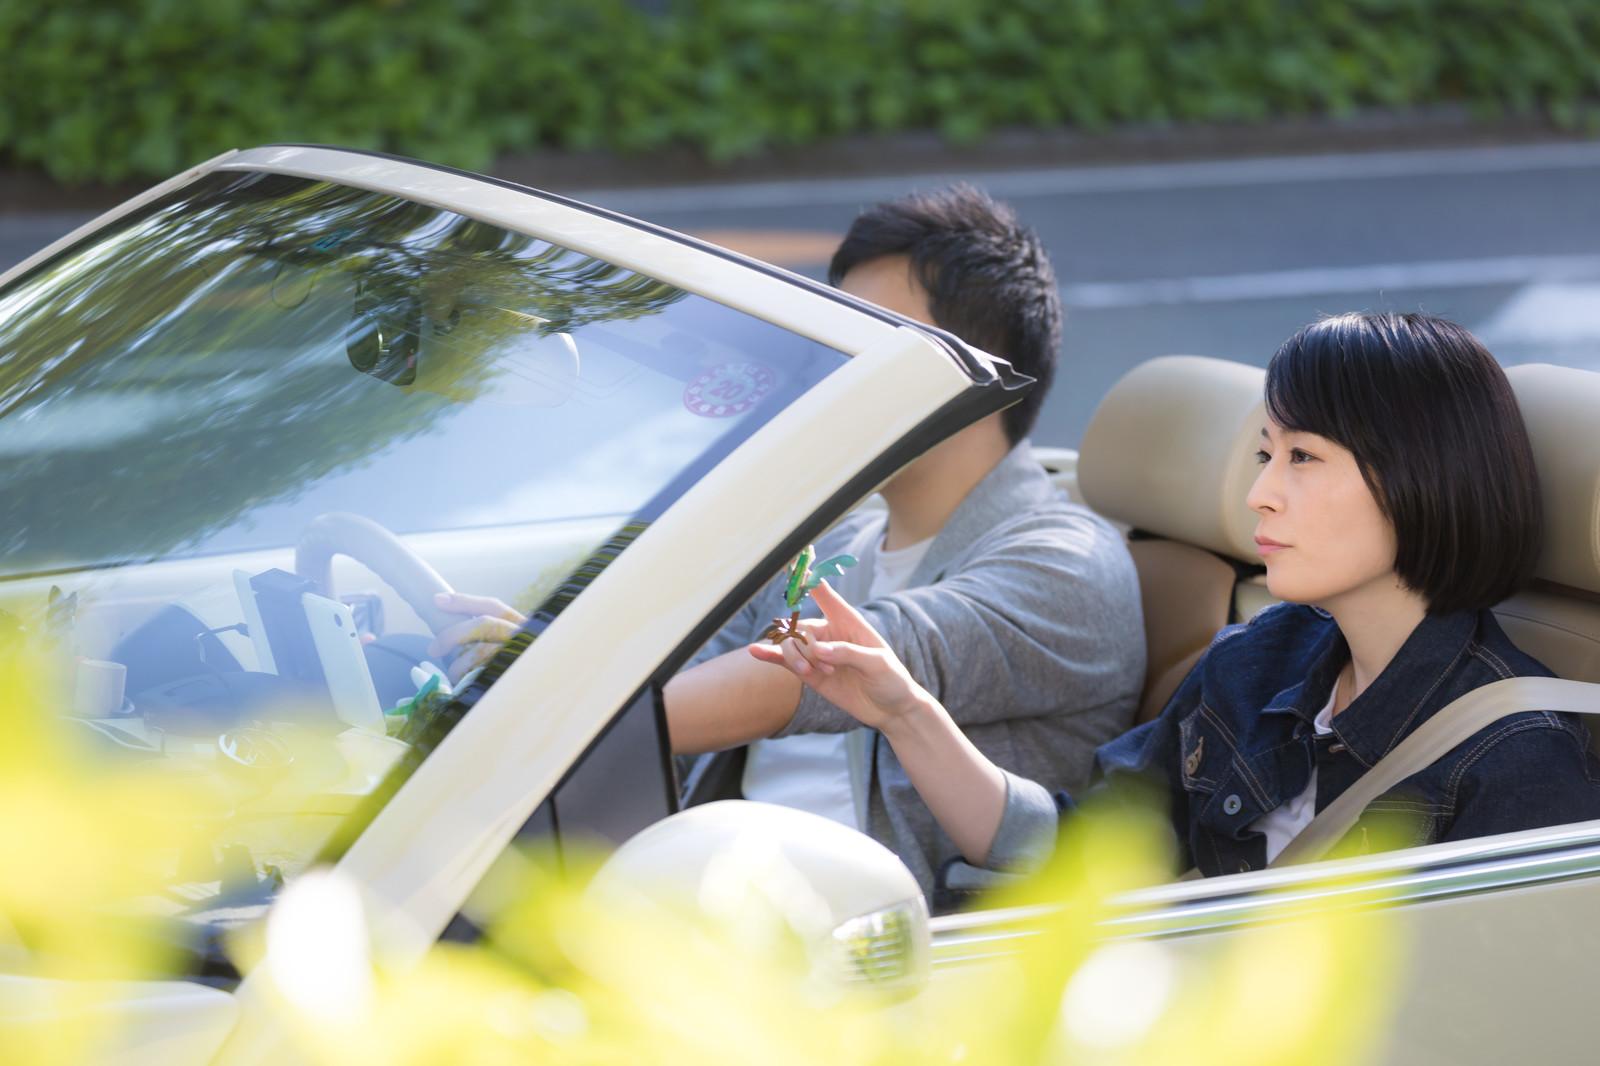 車を貸すだけで不労所得!?月5万円稼げるカーシェアリングの仕組みとやり方!!